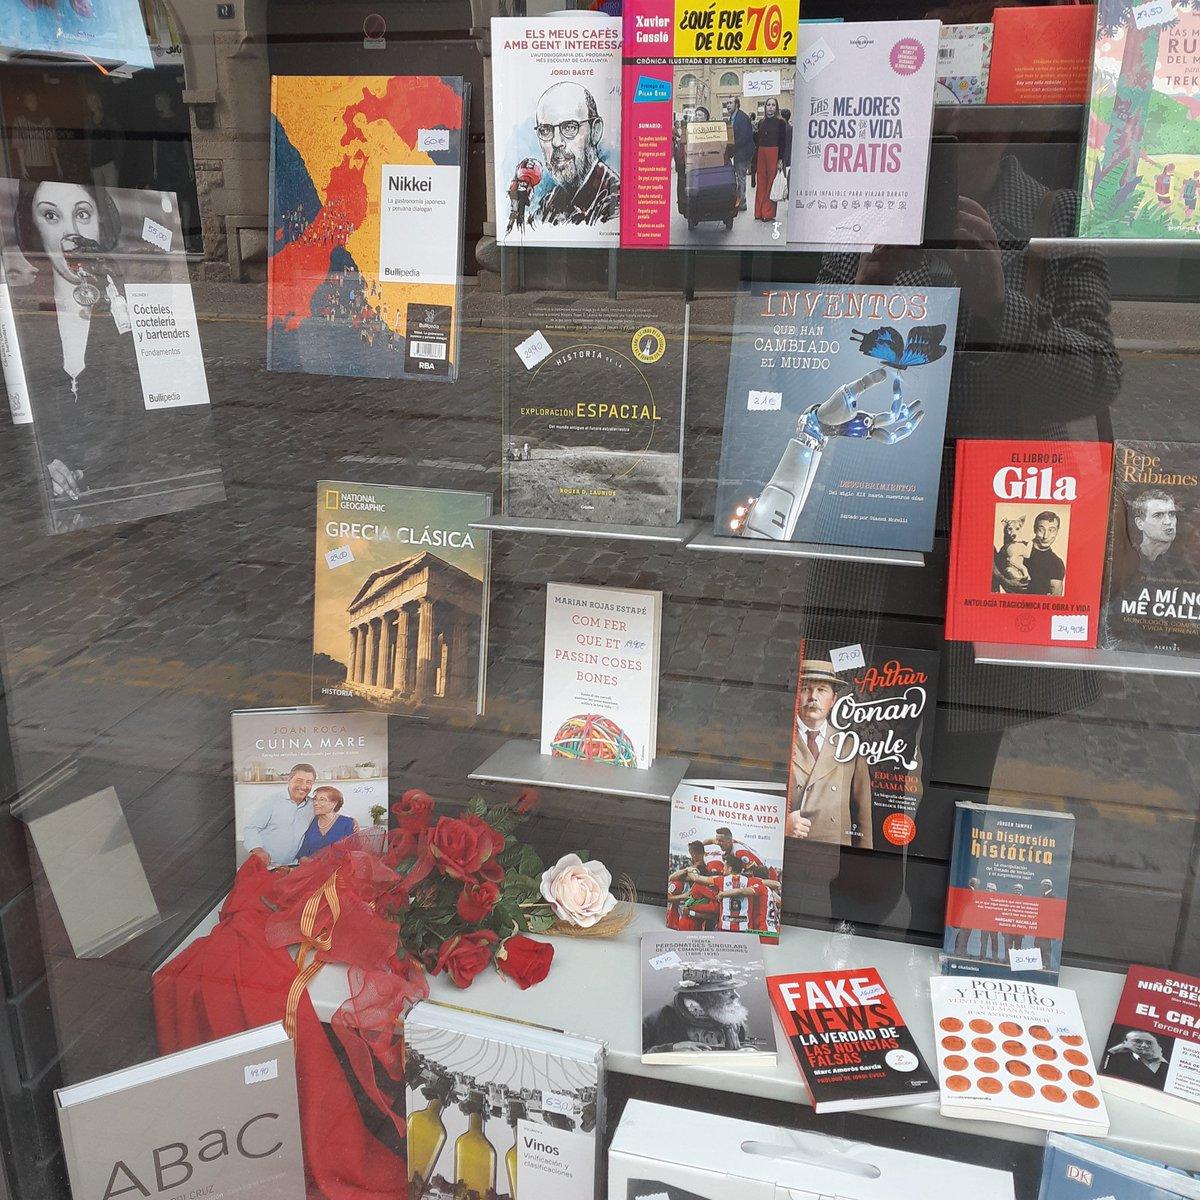 Més recomanacions #SantJordi2019 #llibres   #Girona